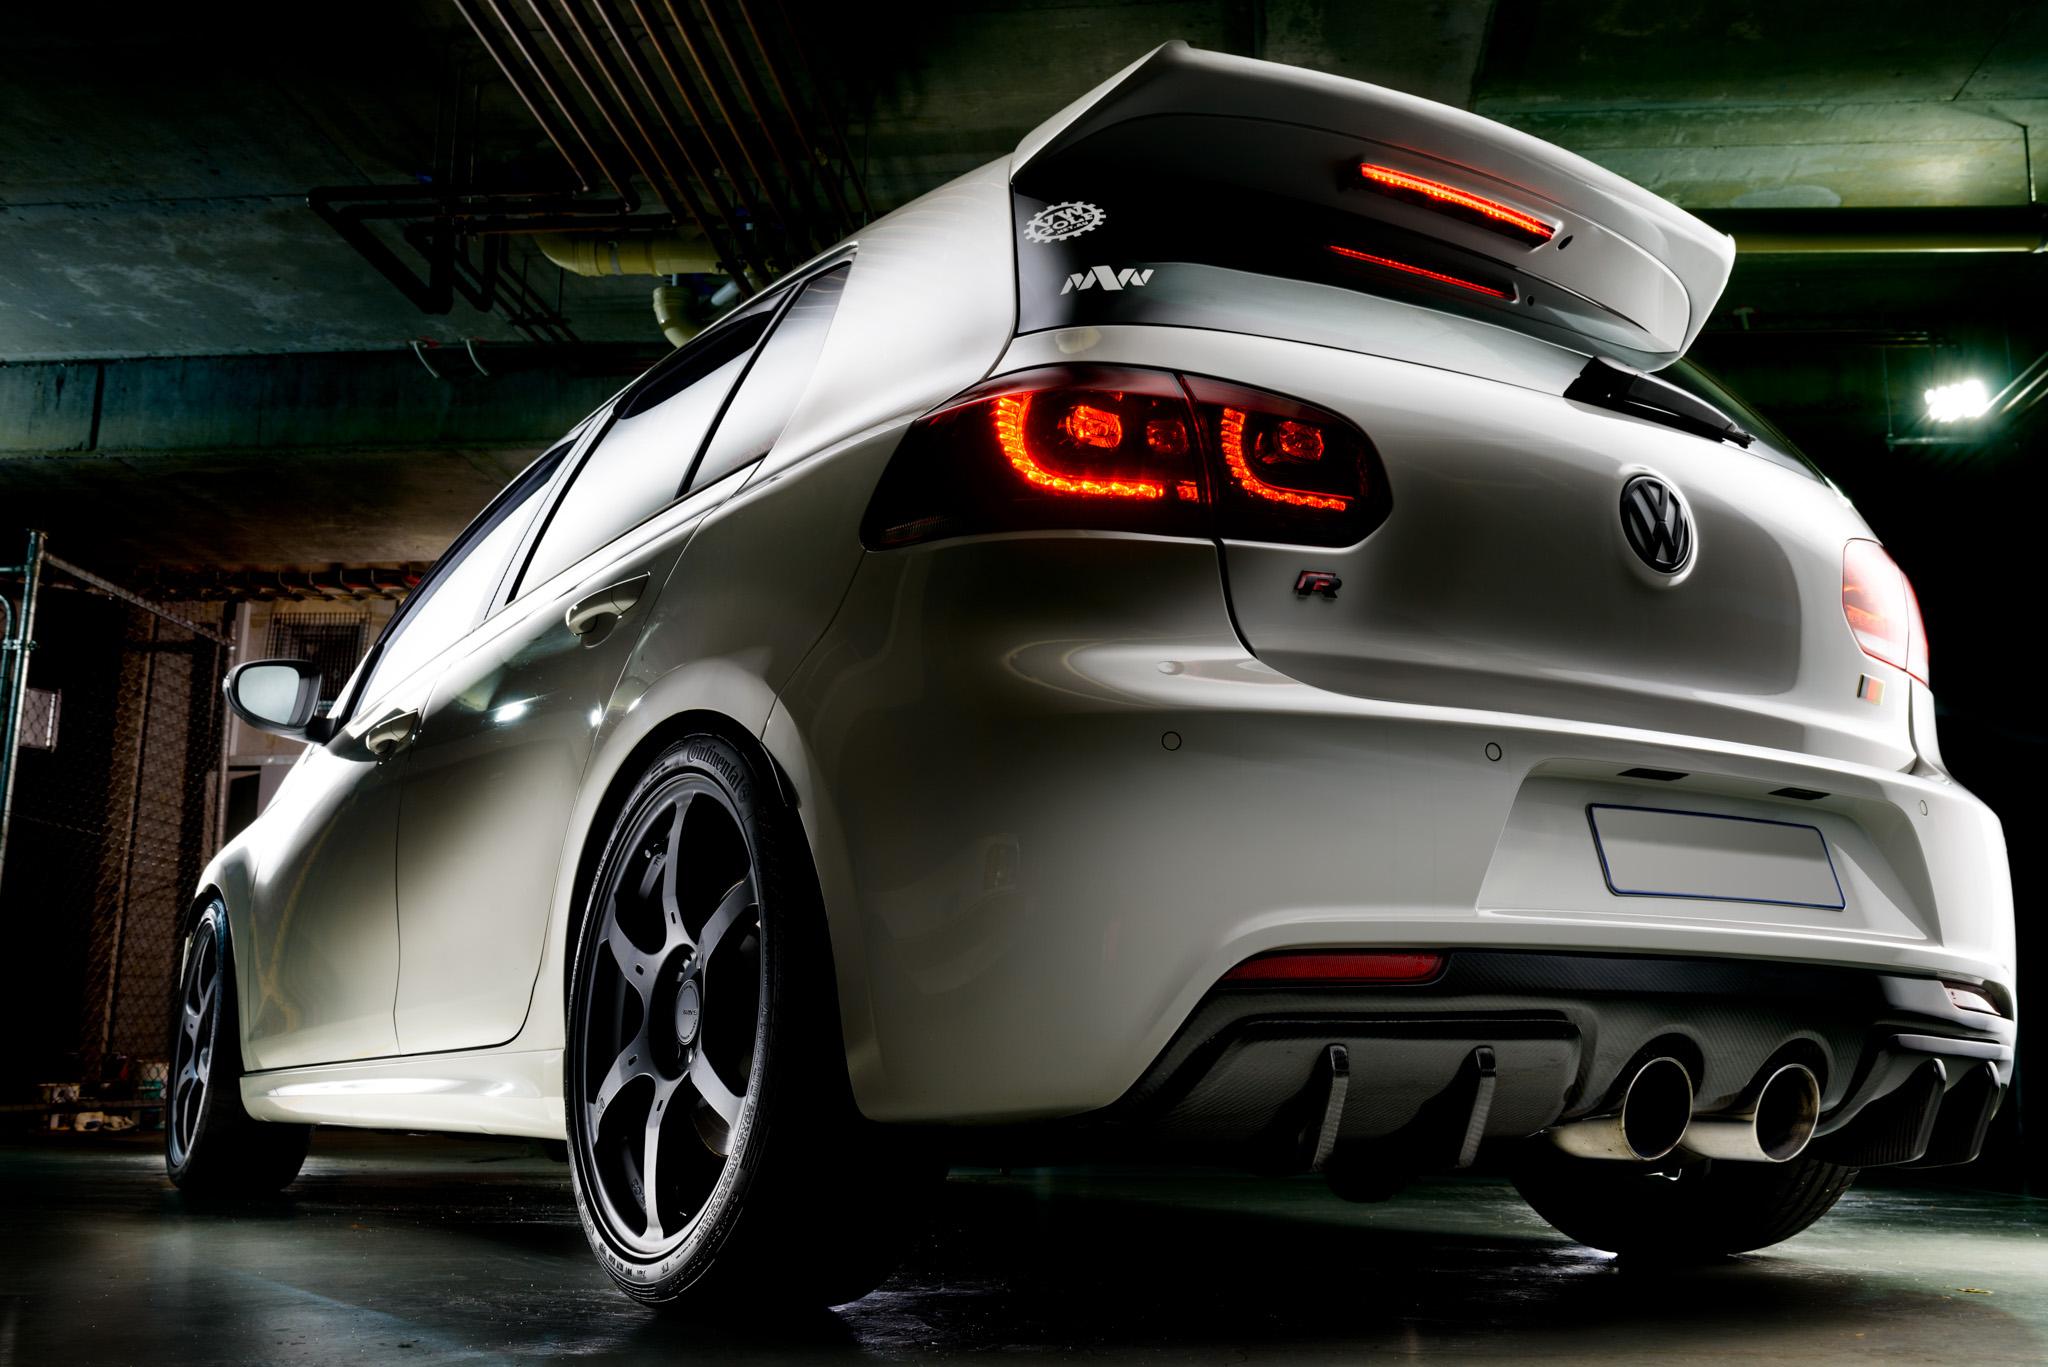 Light Painting - Volkswagen Golf R Mk6 white